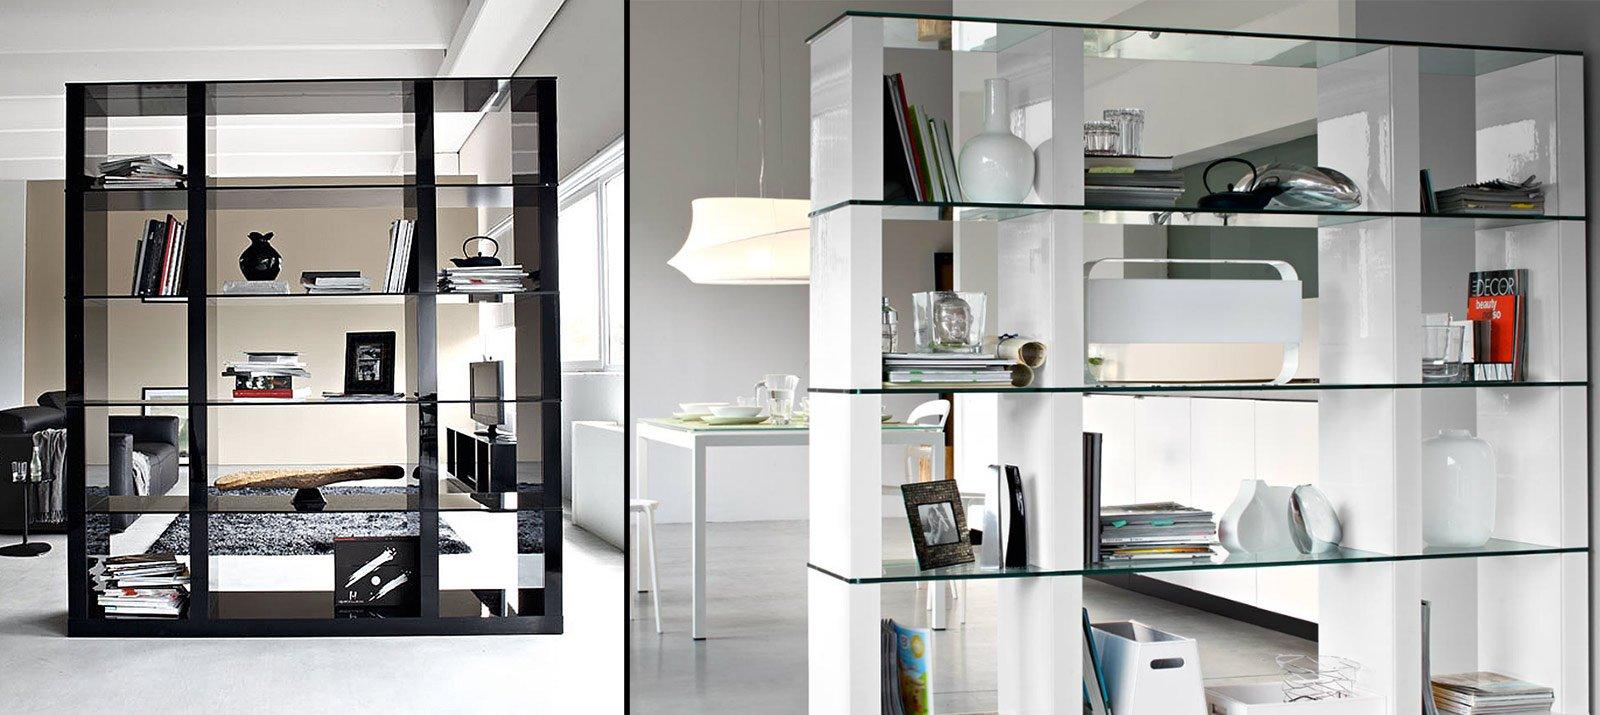 Librerie bifacciali per separare ambienti  Cose di Casa